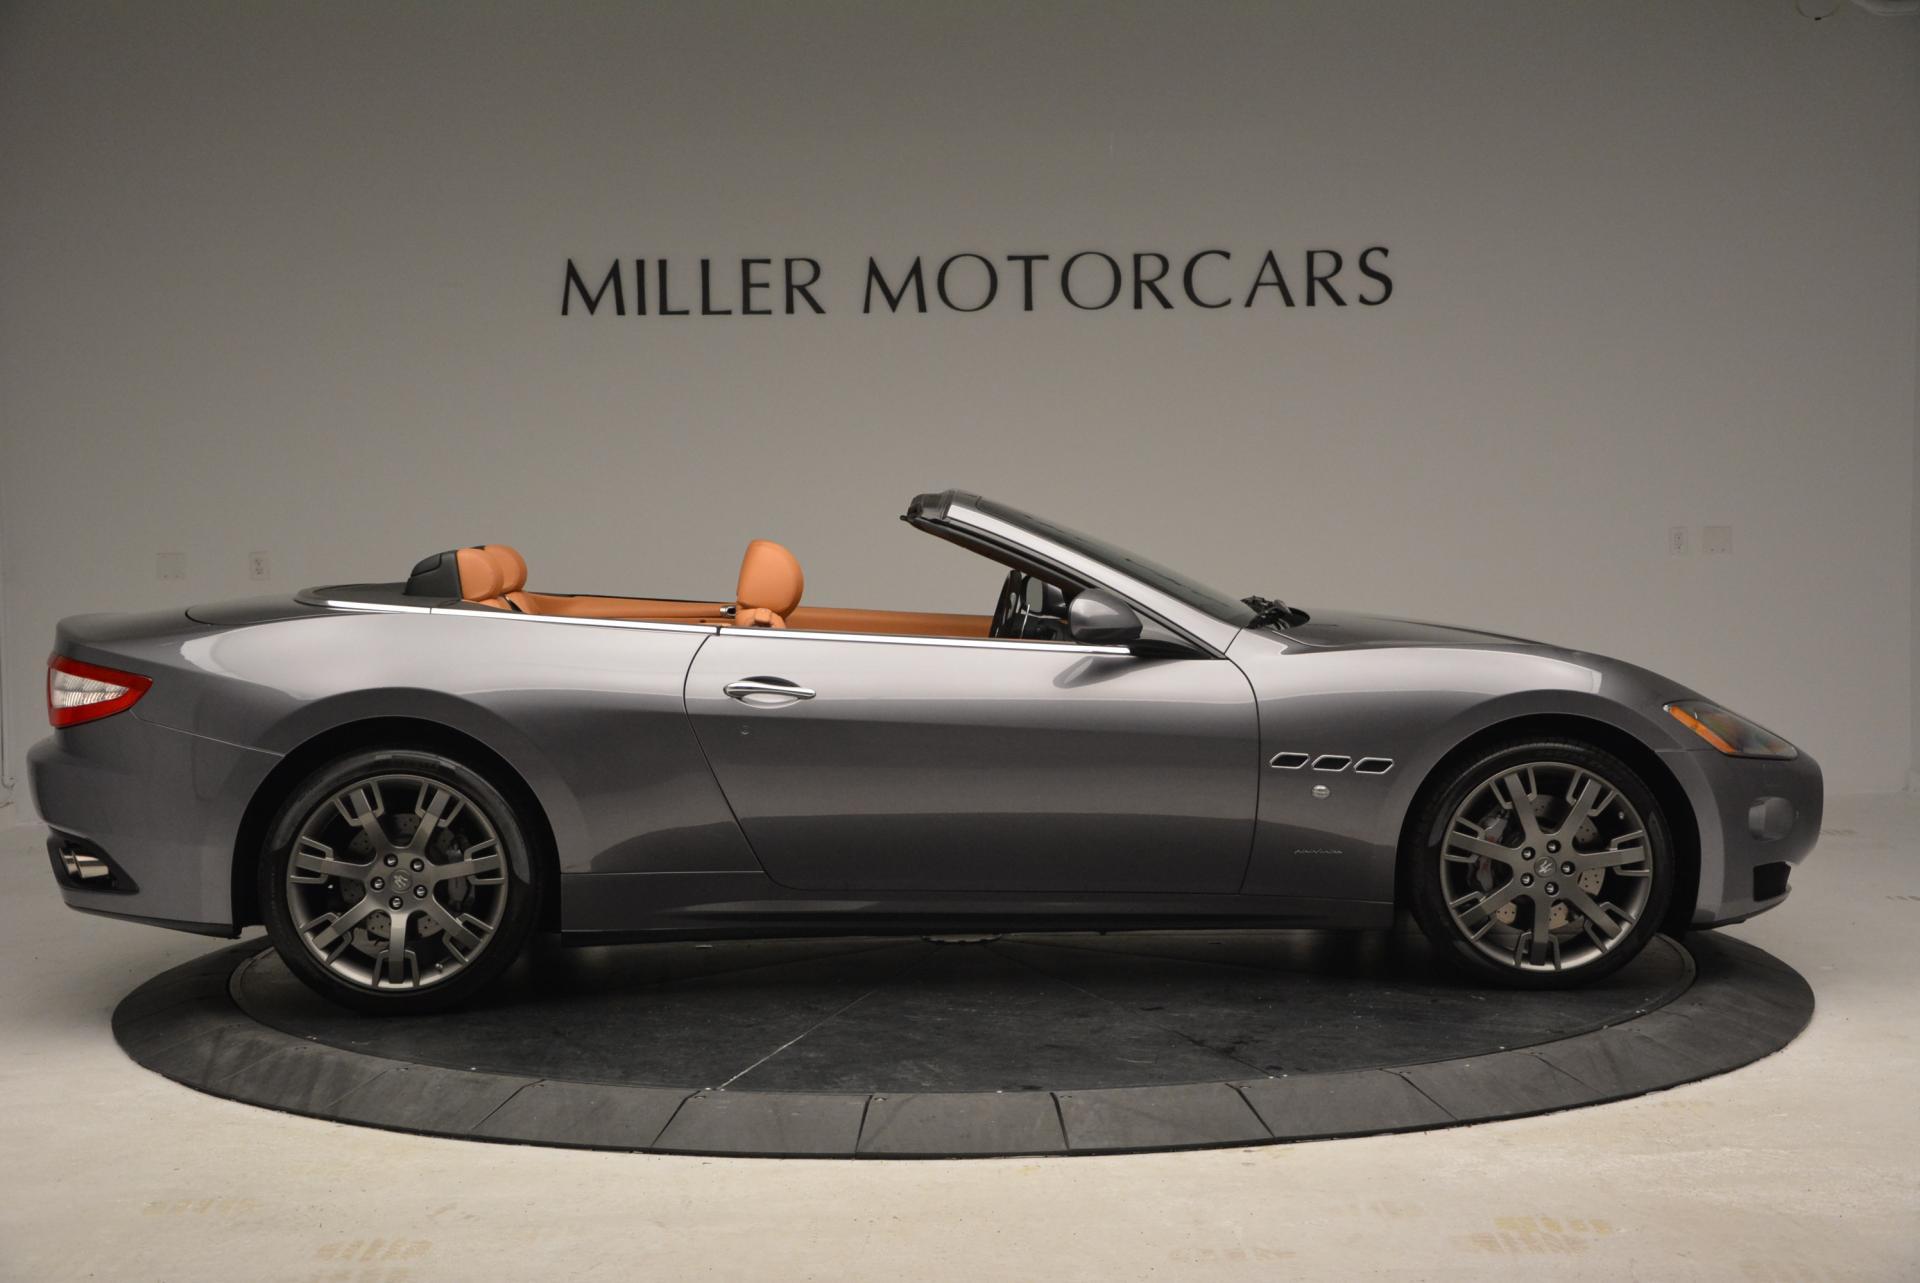 Used 2012 Maserati GranTurismo  For Sale In Greenwich, CT 161_p9